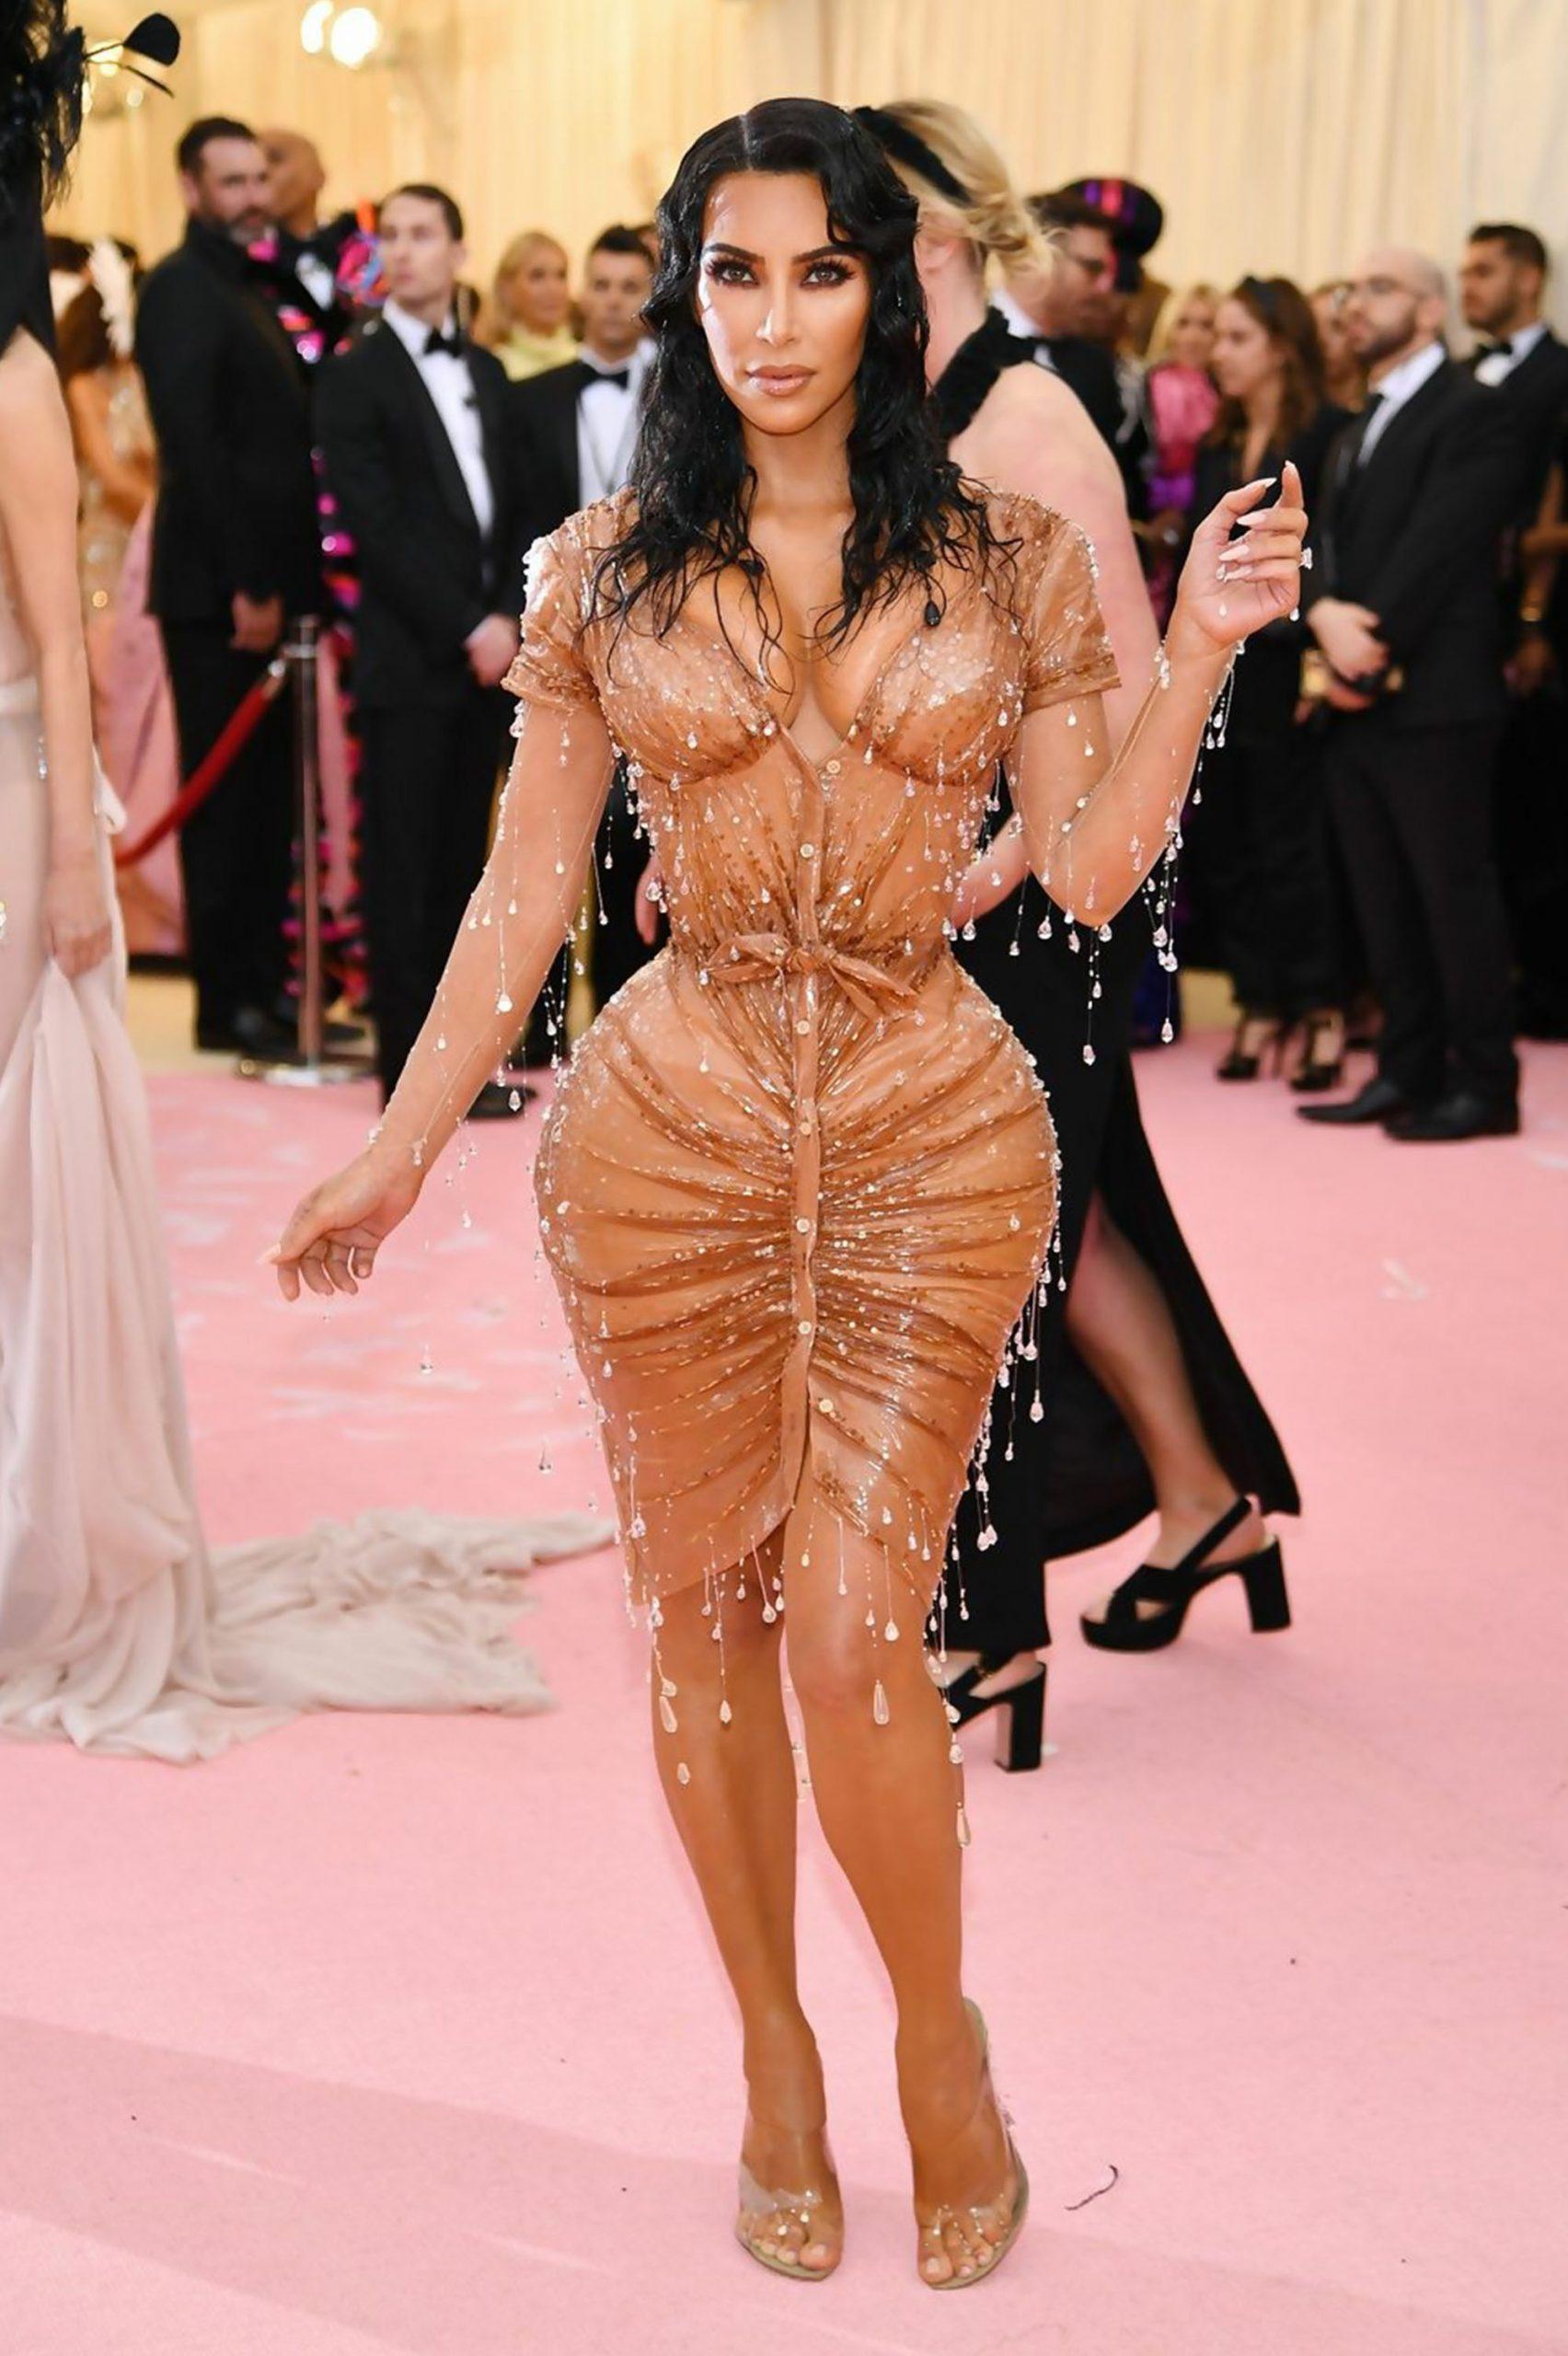 Kim Kardashian naked dress - Neomag.